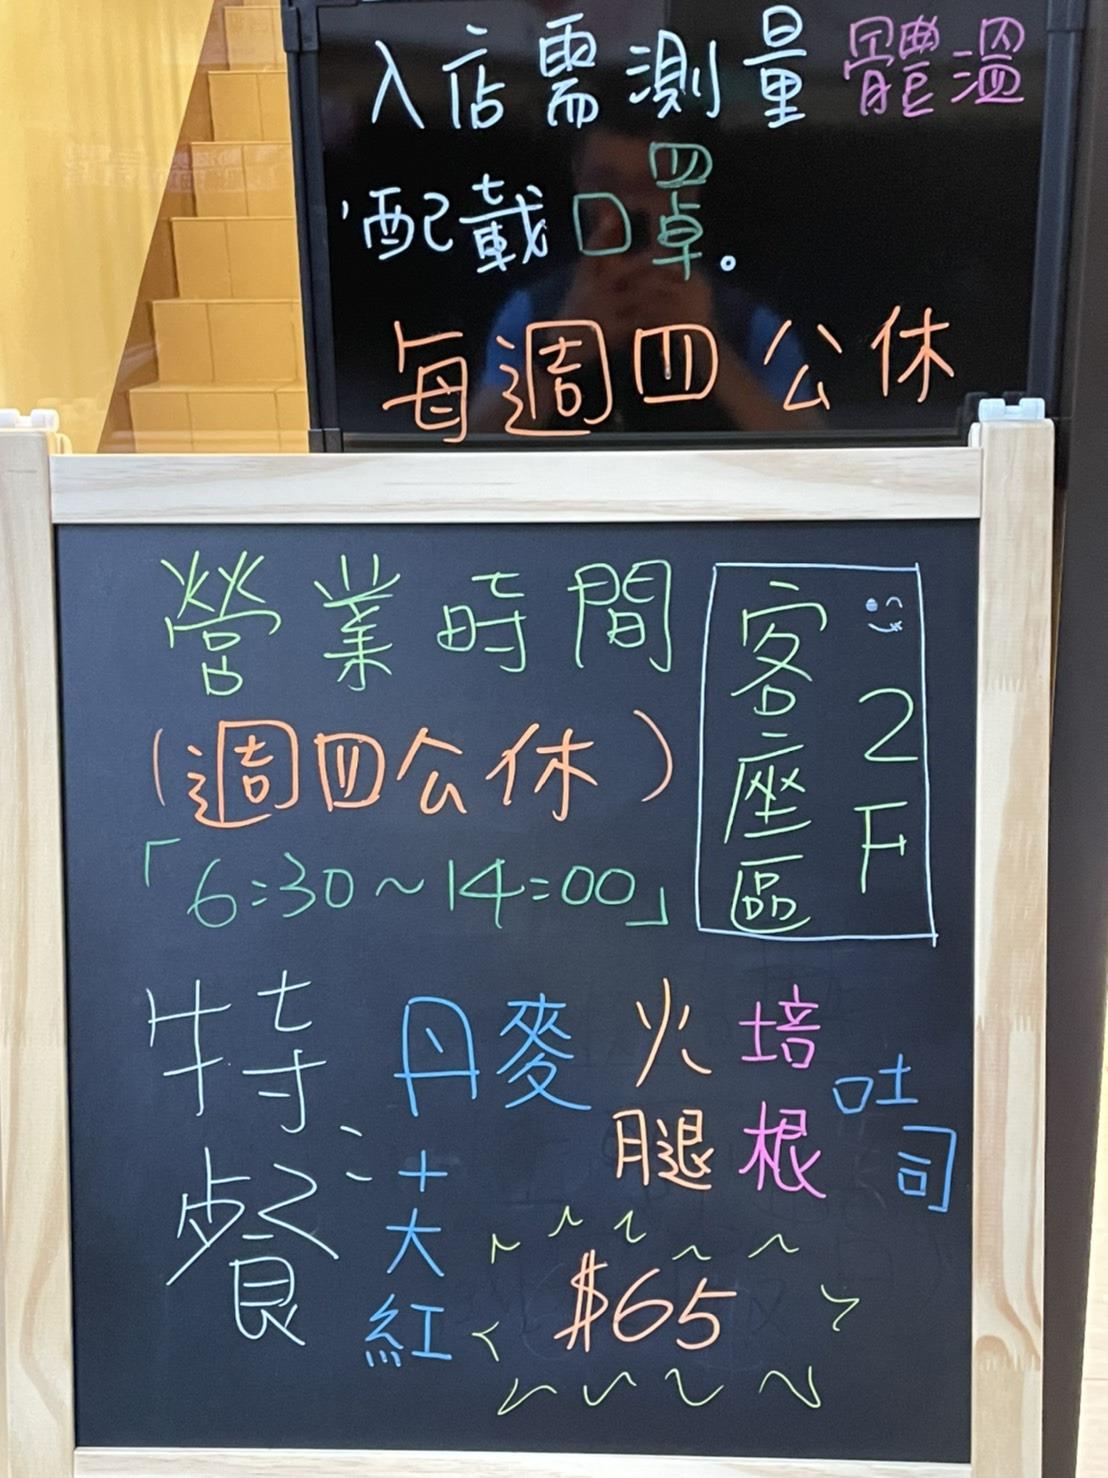 松岡朝食屋相關照片4